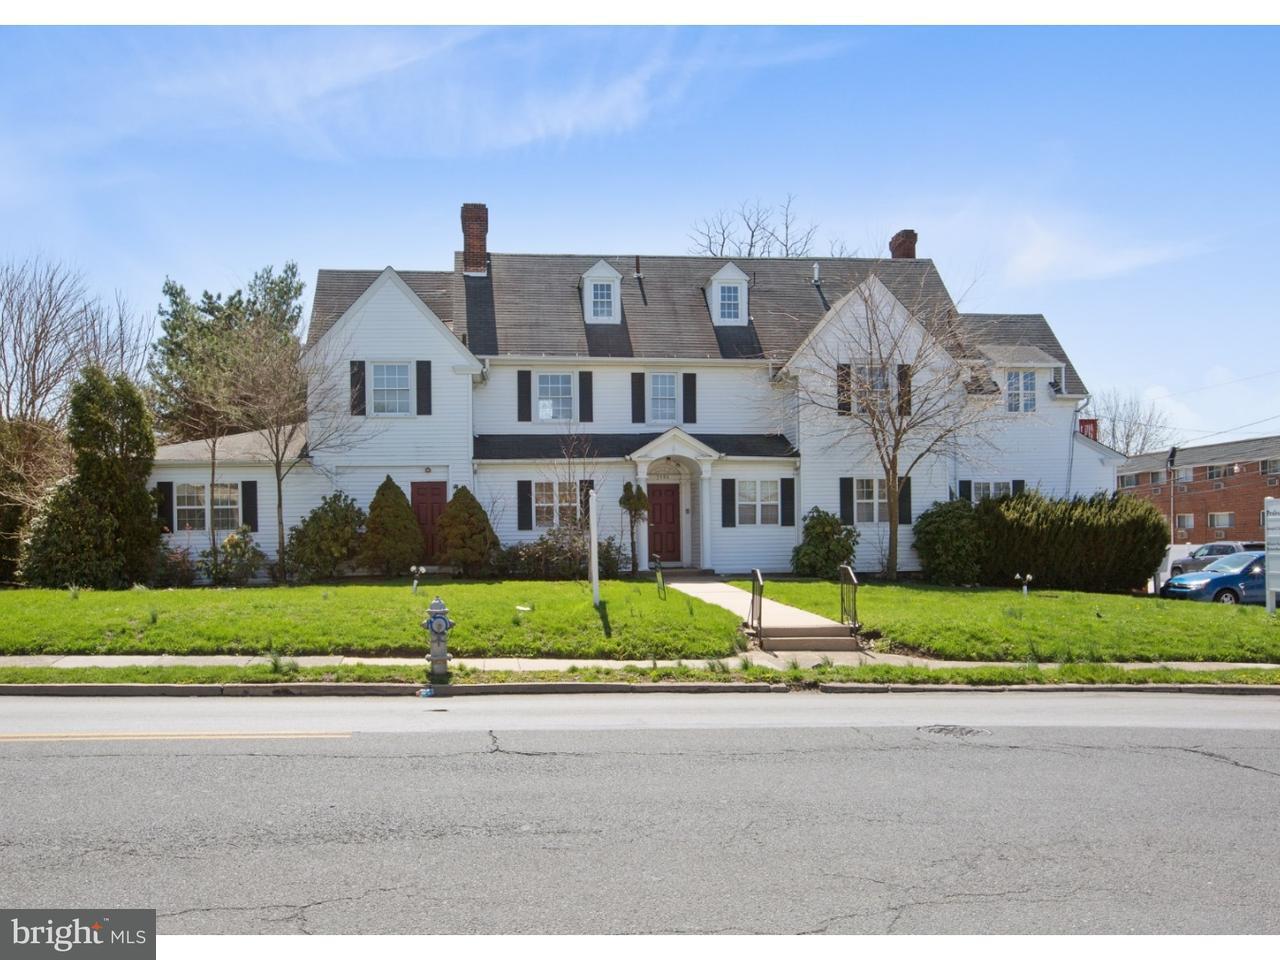 Частный односемейный дом для того Продажа на 3400 GARRETT Road Drexel Hill, Пенсильвания 19026 Соединенные Штаты